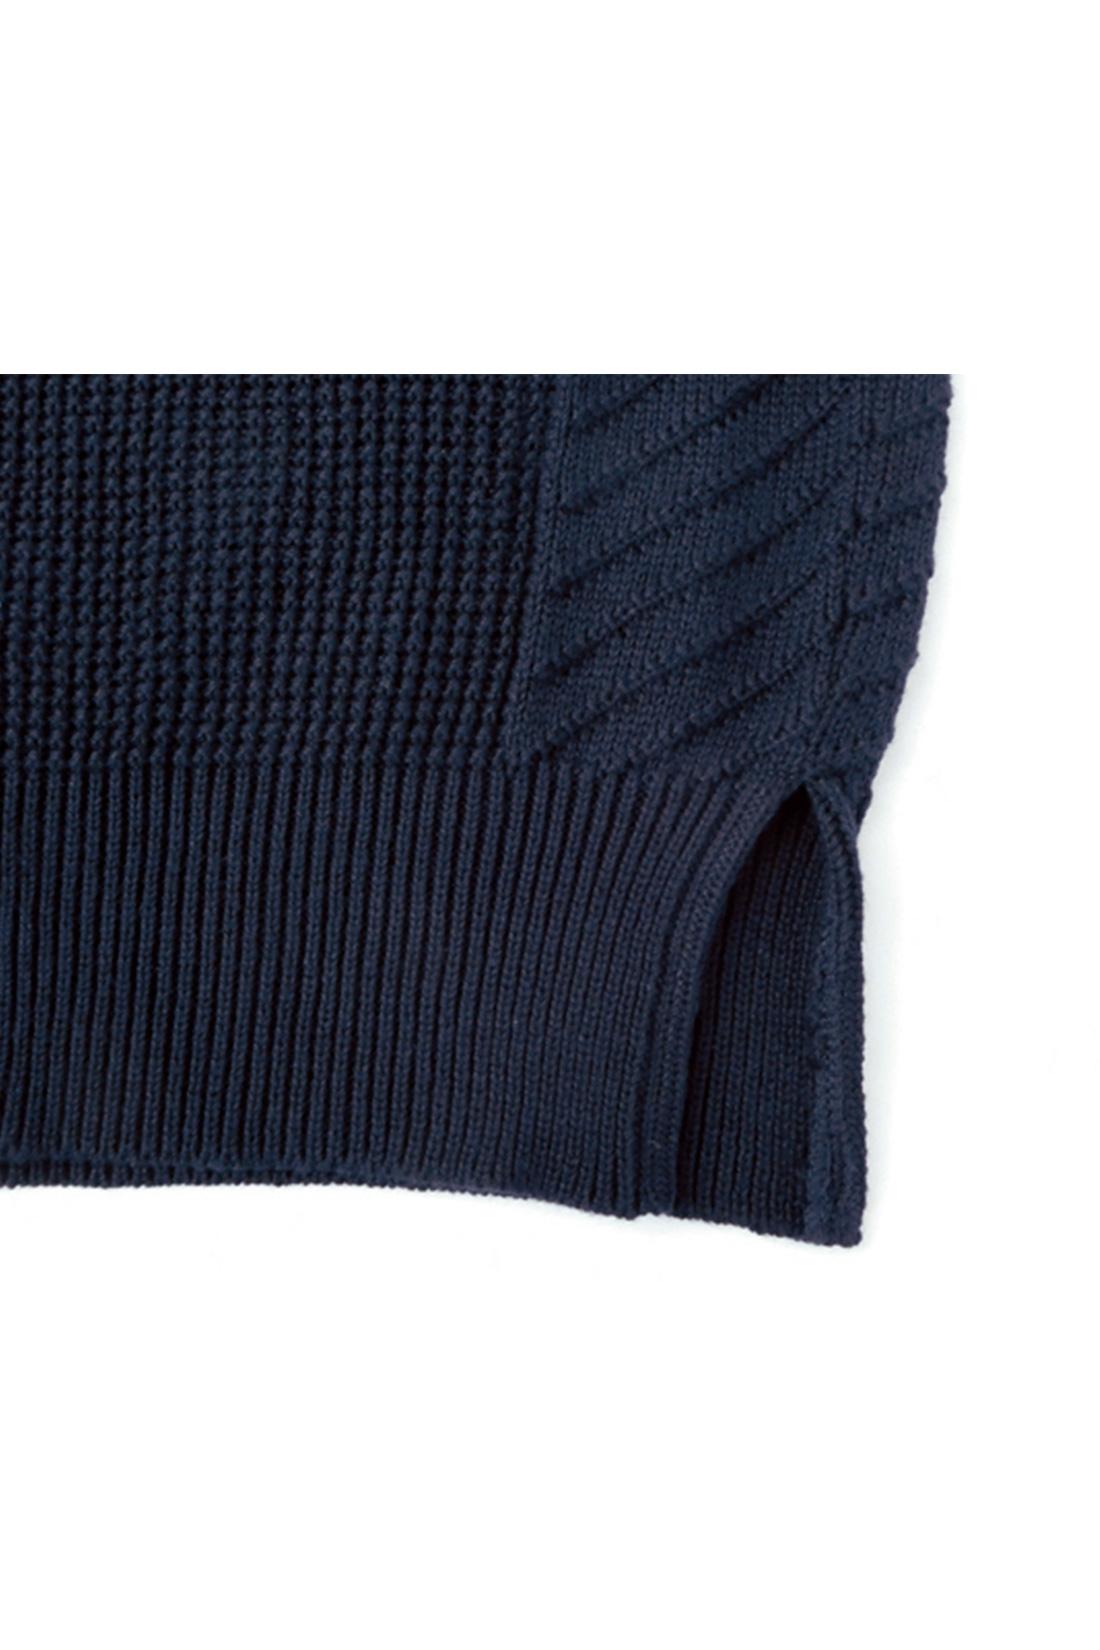 編み模様にご注目。